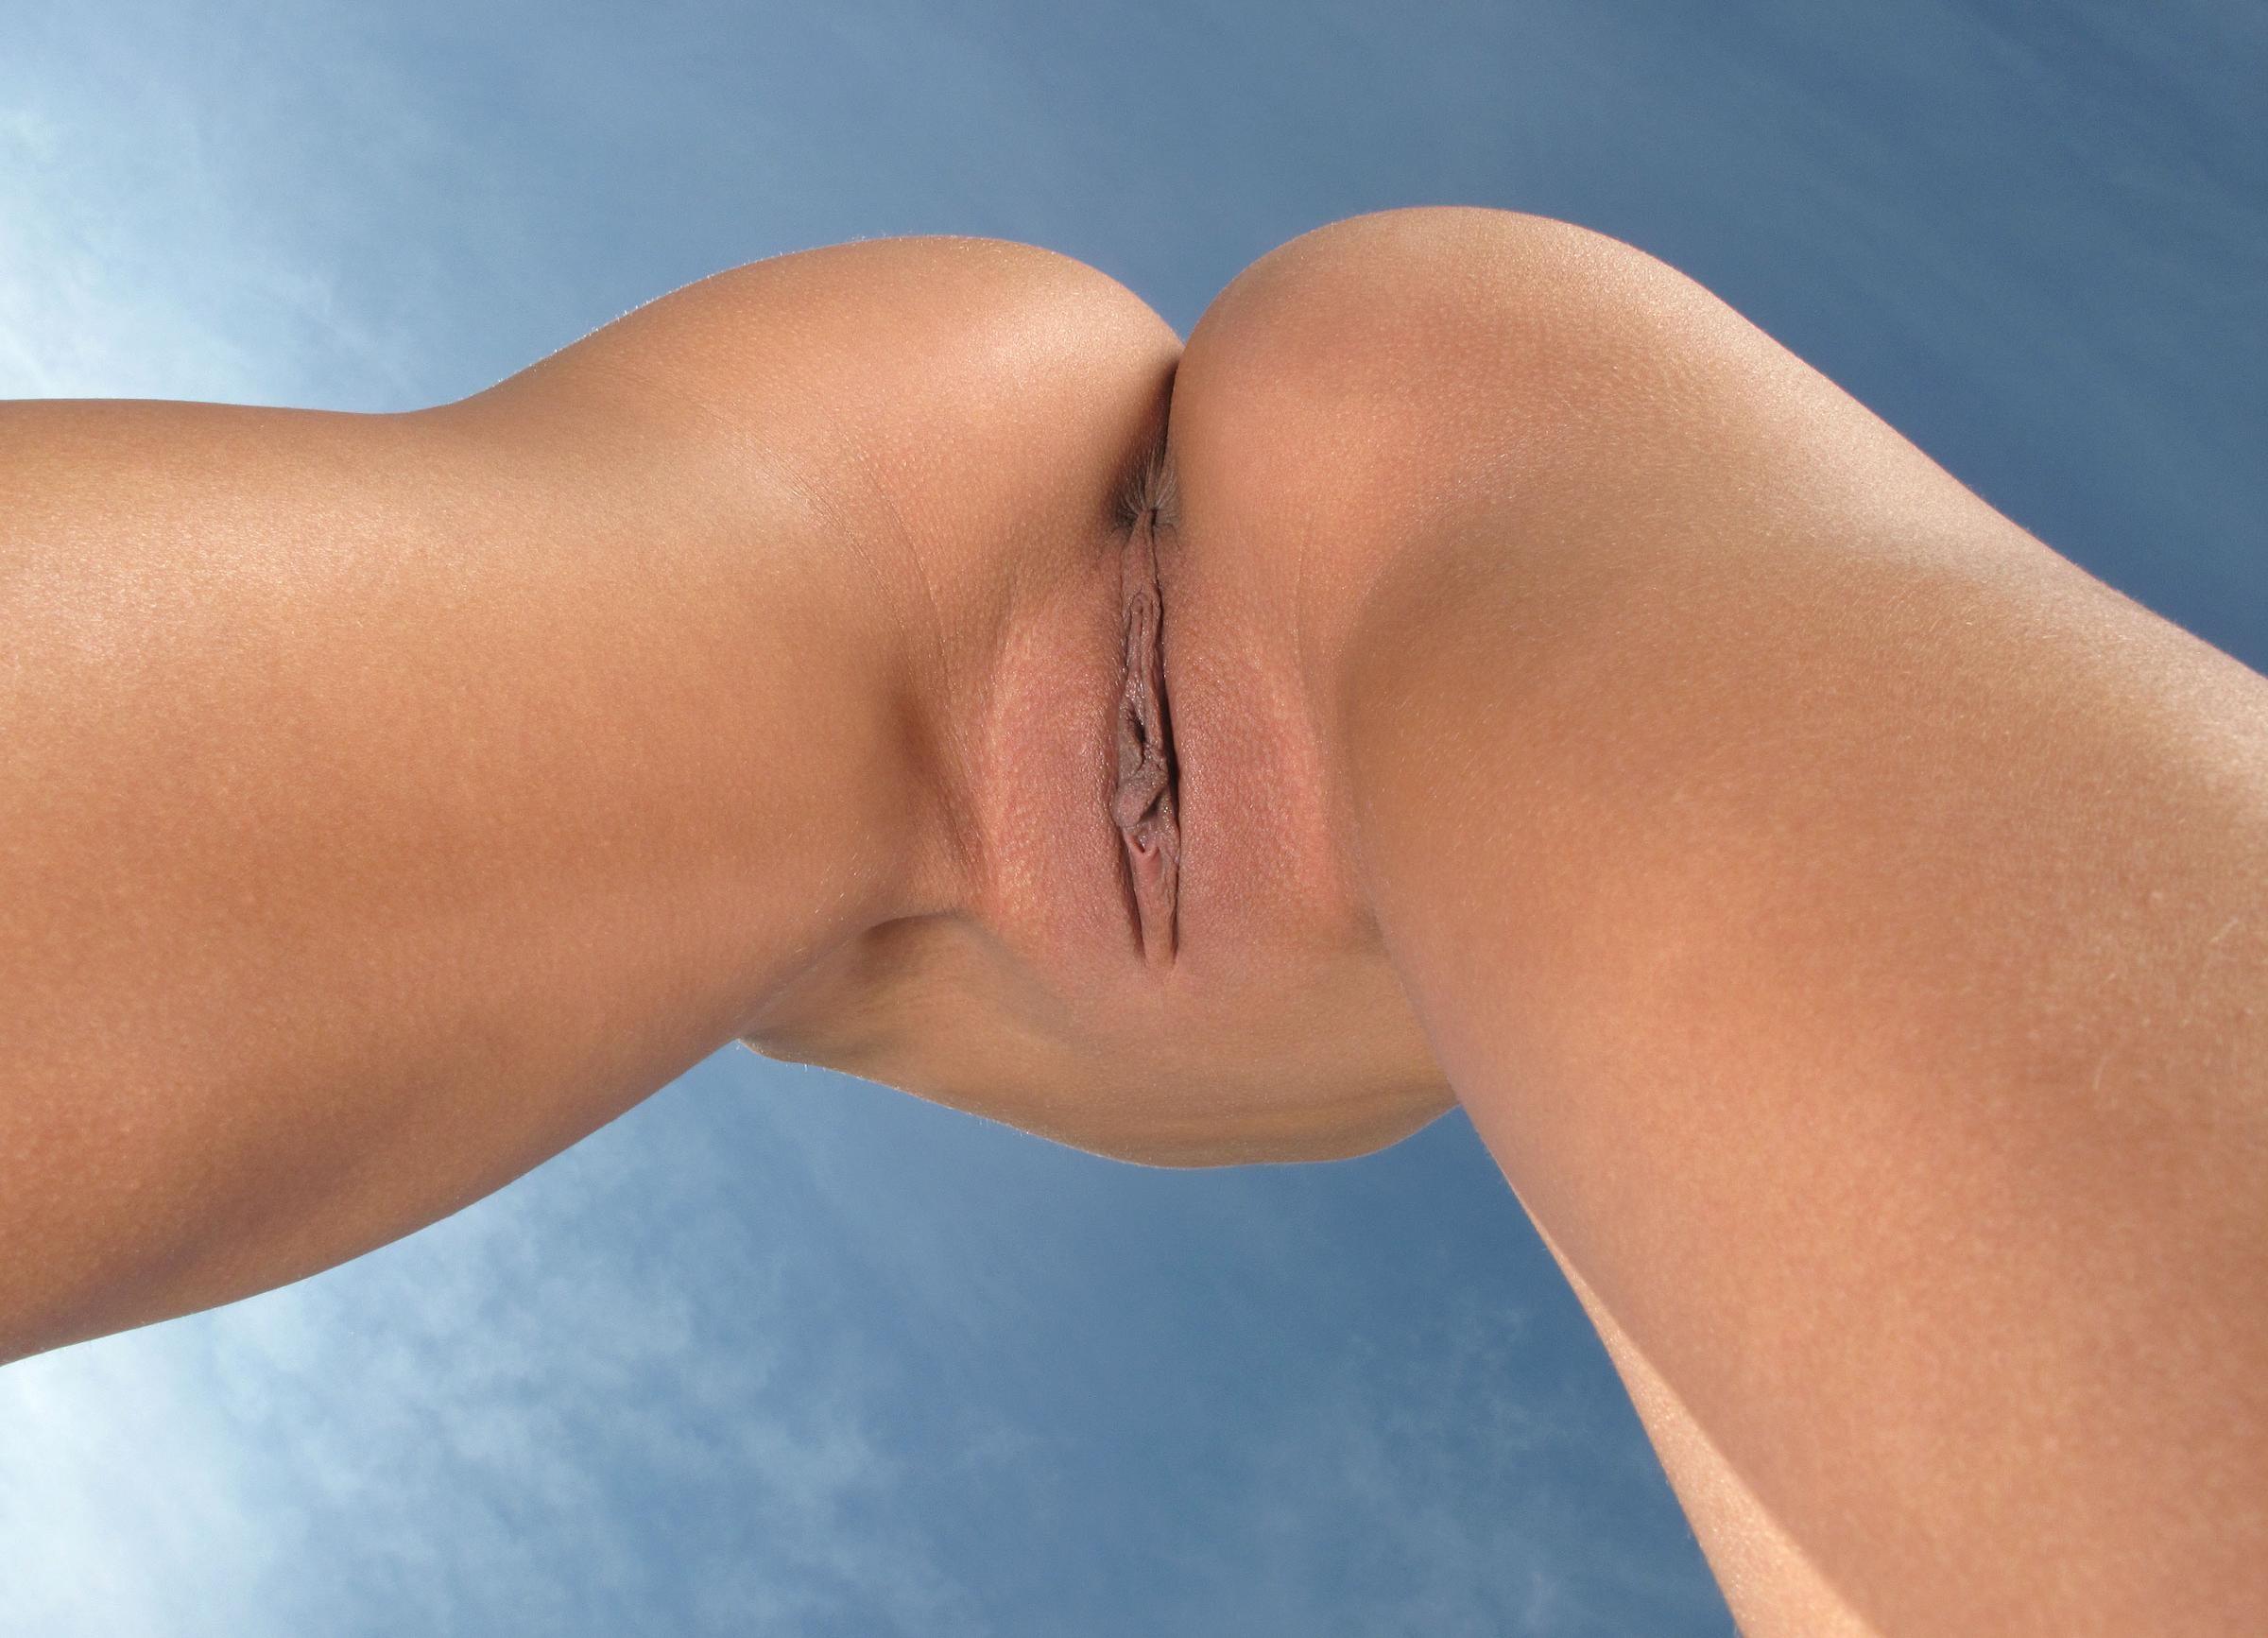 Фото девушек шире ножки крупным планом 19 фотография